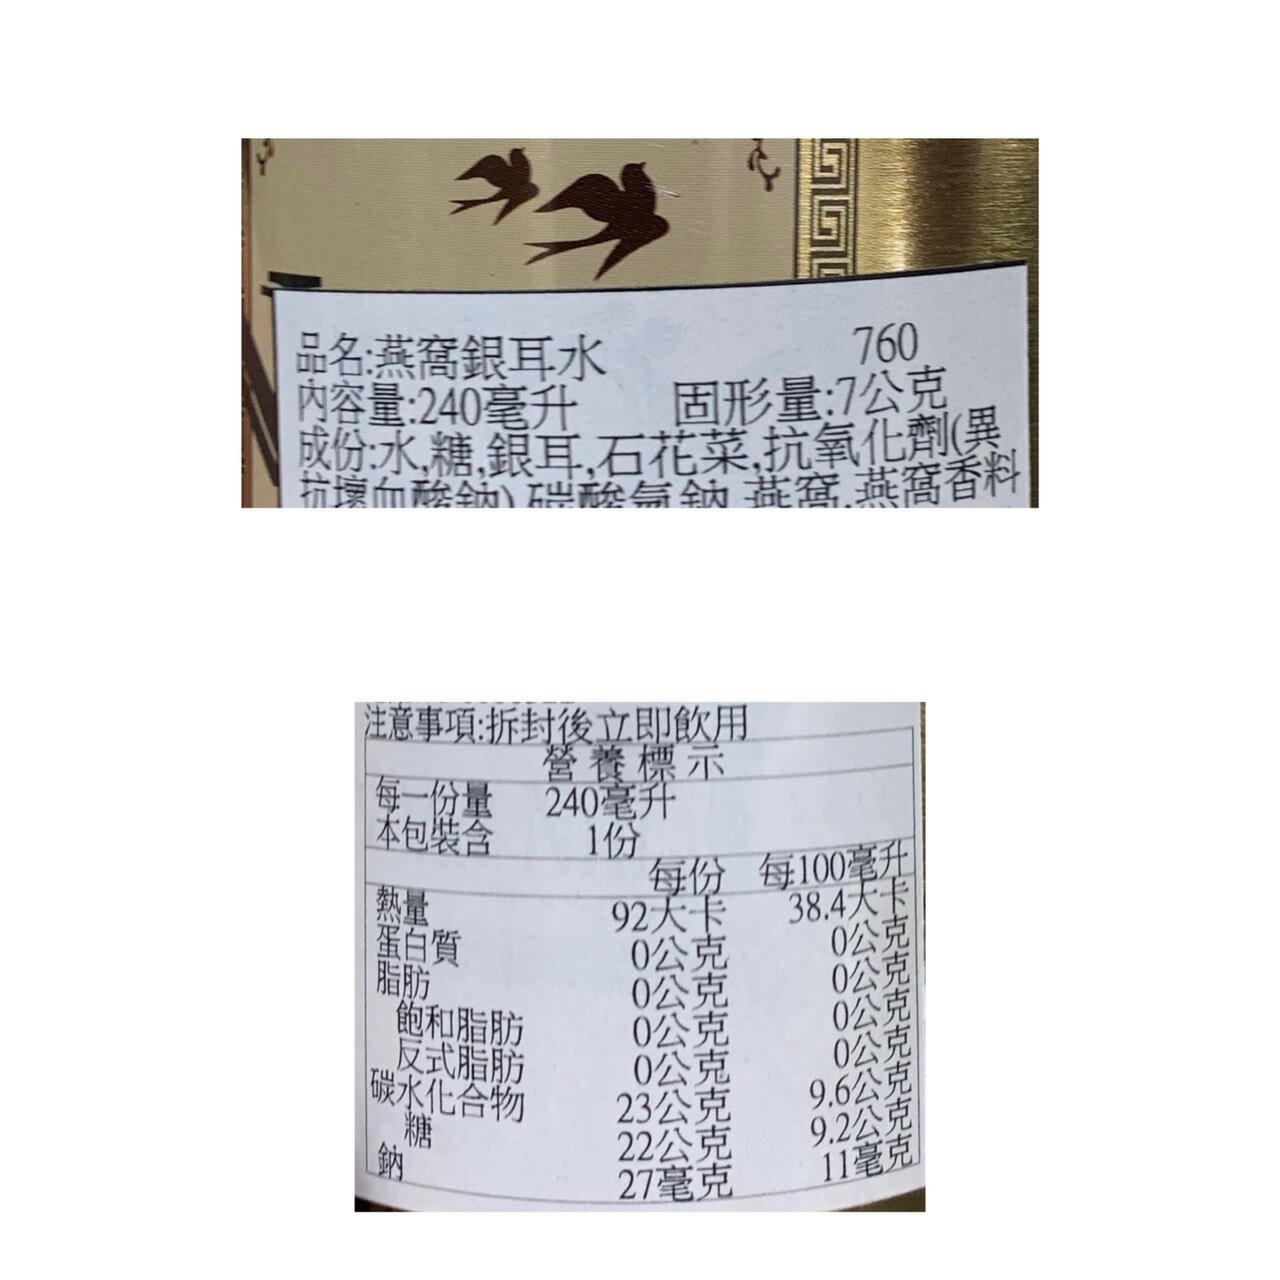 {泰菲印越} 越南 bird's 燕窩銀耳 燕窩飲料 240ml